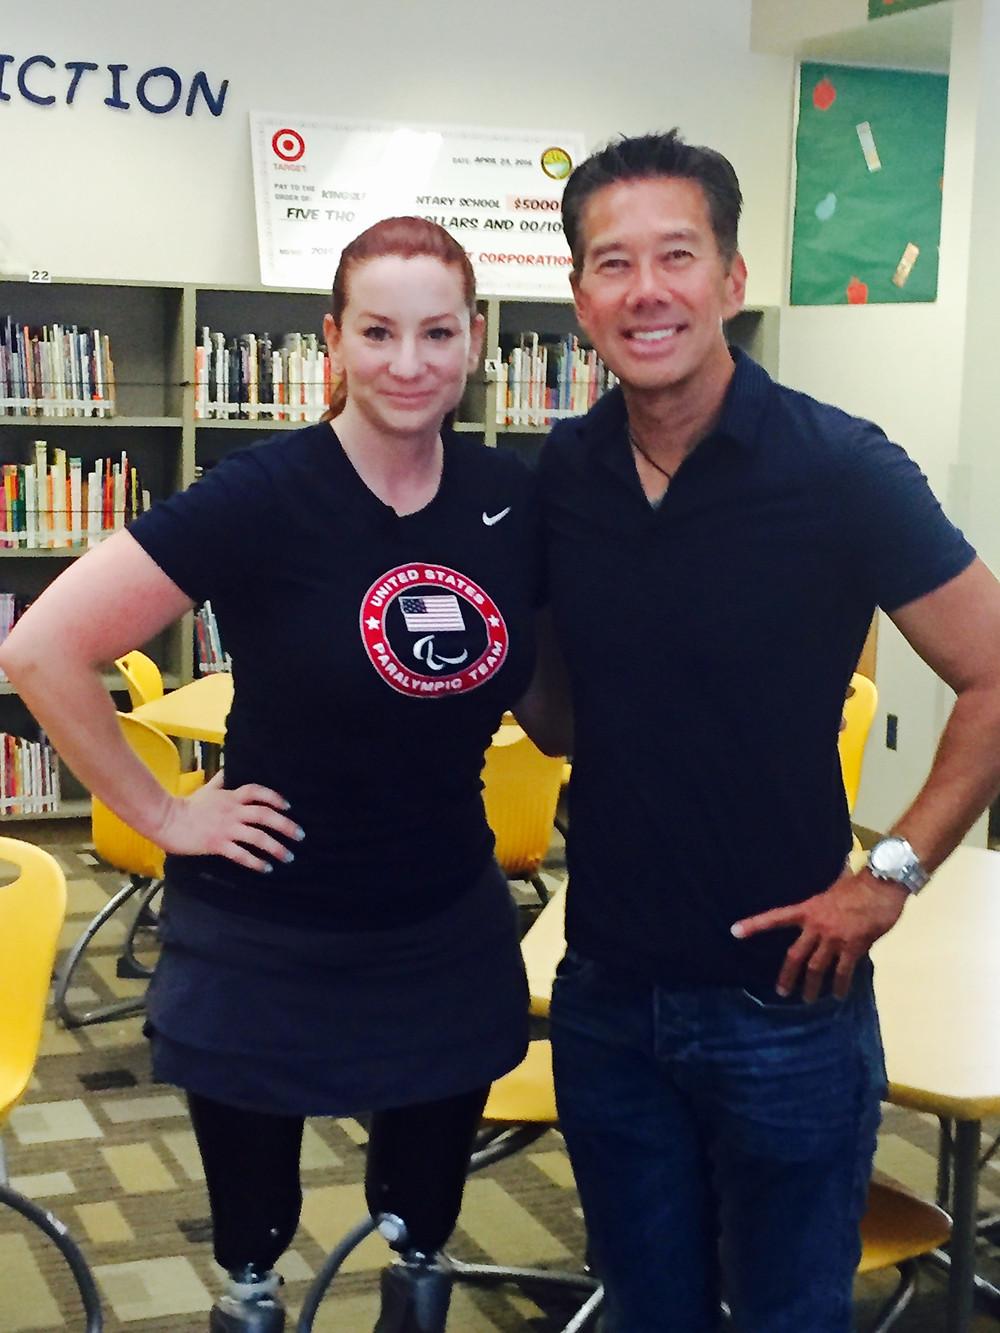 Katy Sullivan and Gordon Tokumatsu